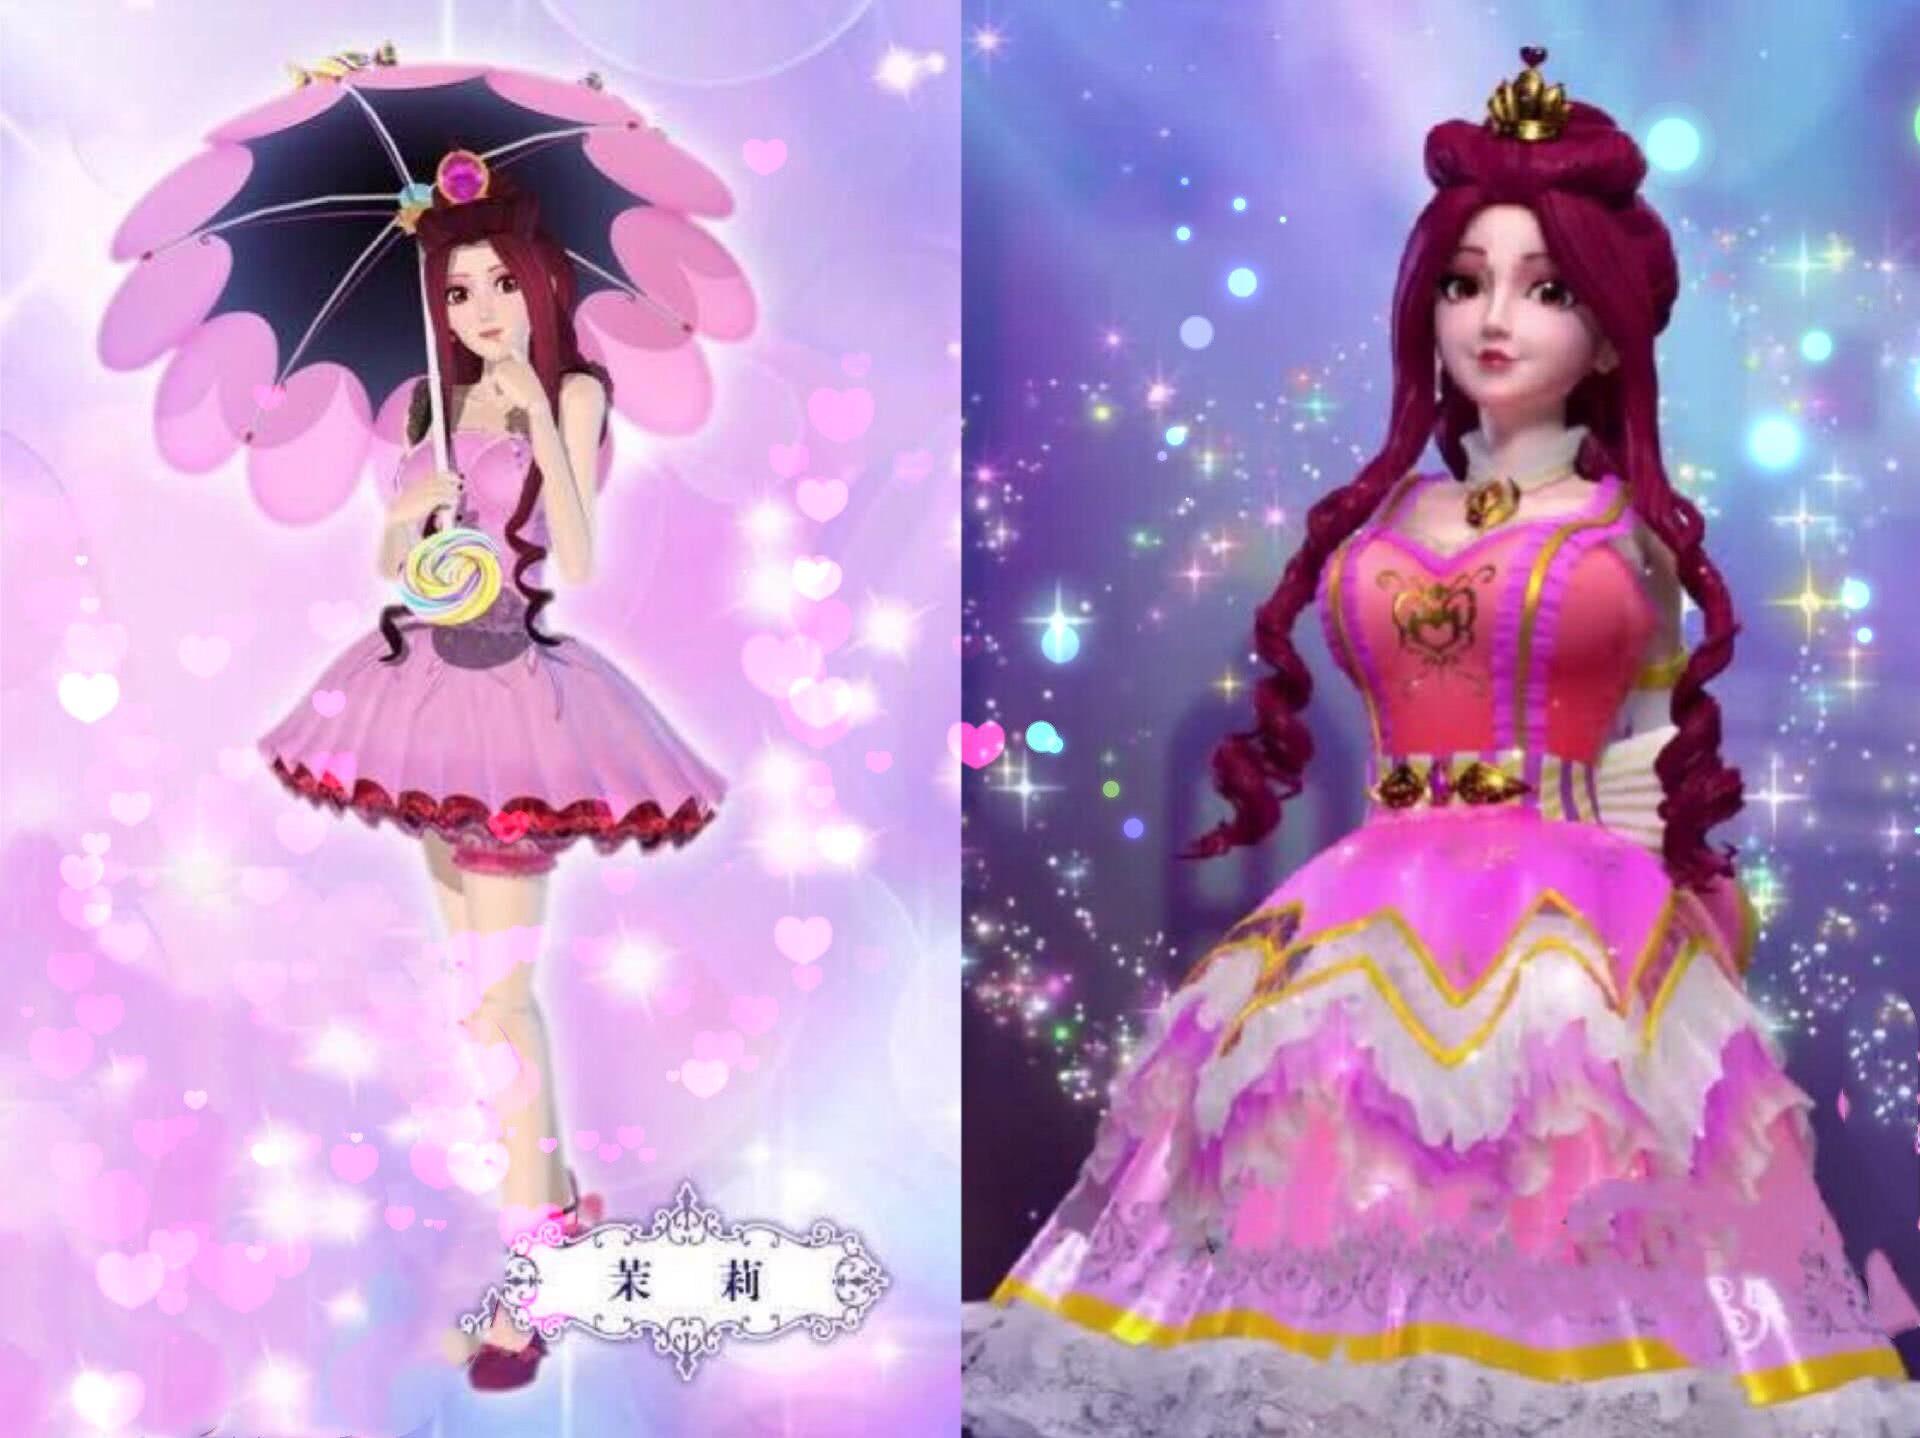 叶罗丽最美发型,灵公主的最复杂,茉莉卷发妩媚俏丽,你图片